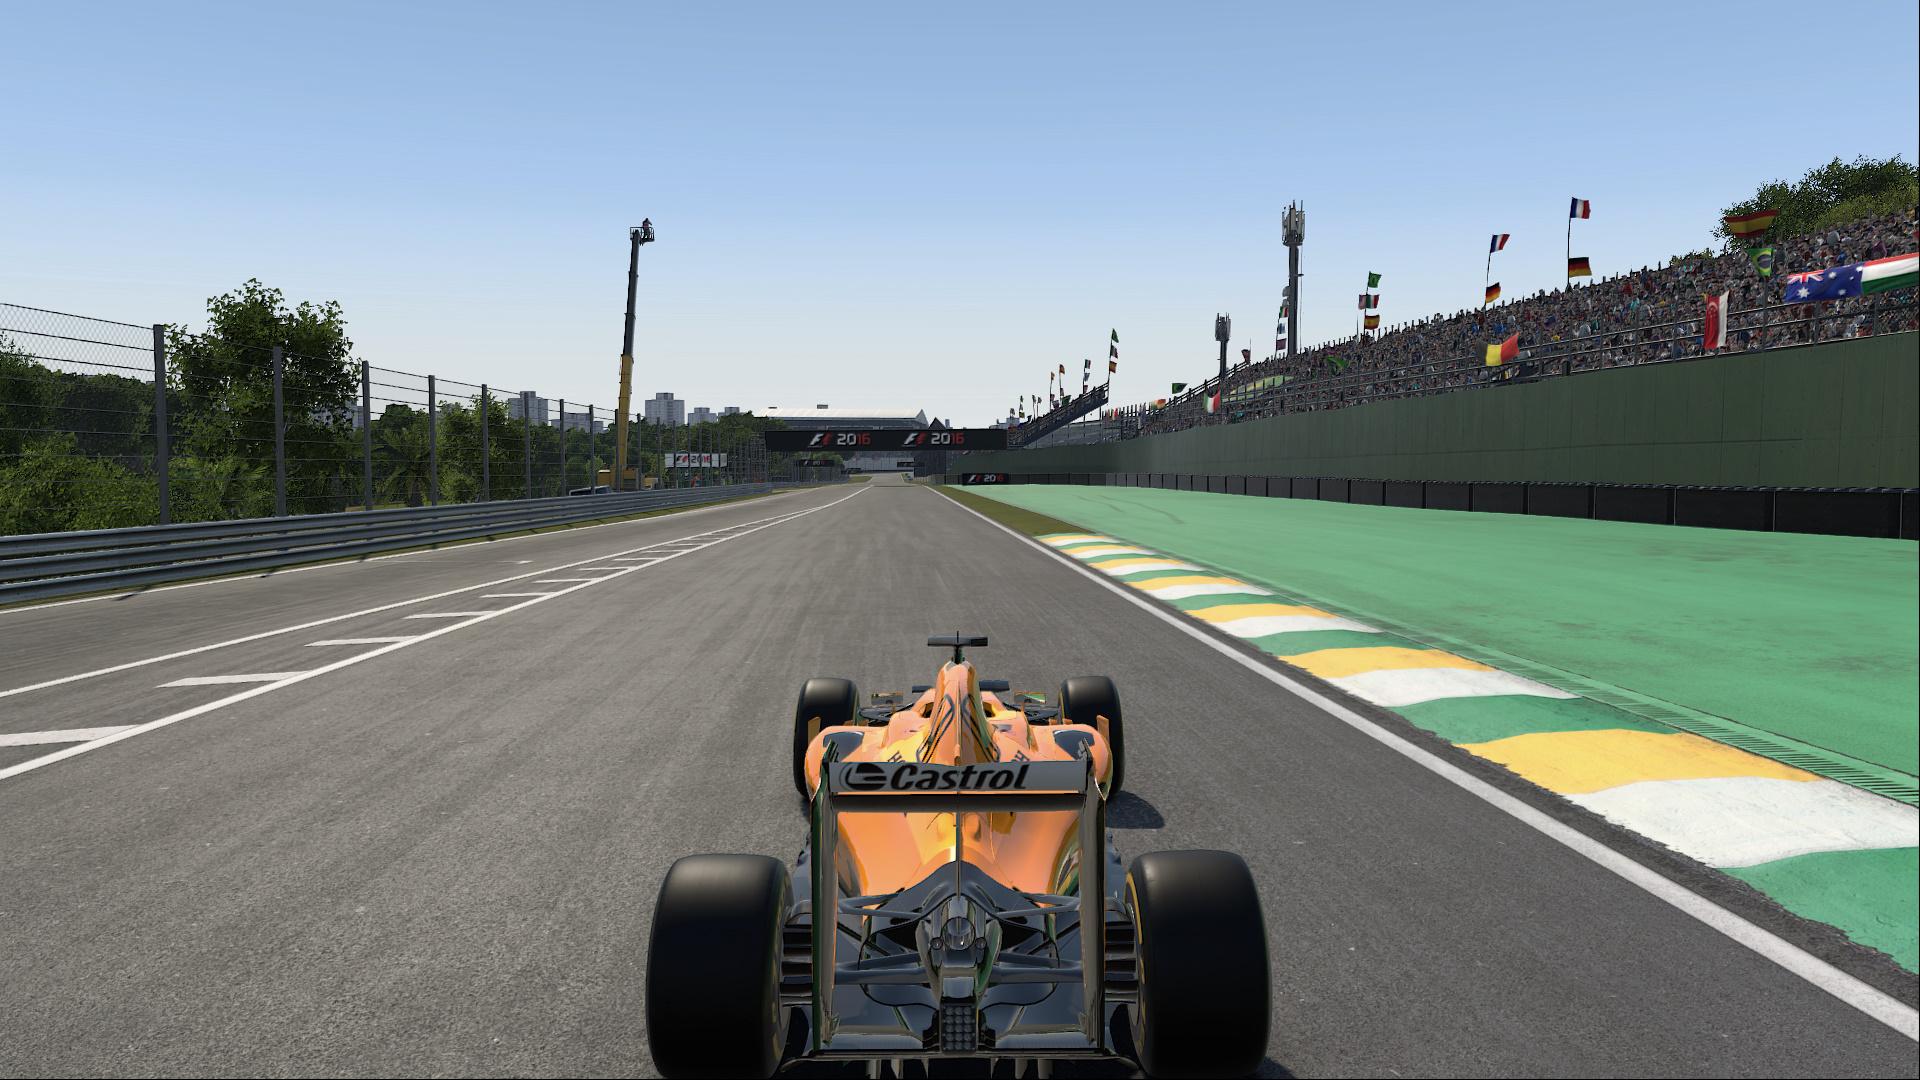 F1_2016 2017-04-17 00-46-12-980.jpg